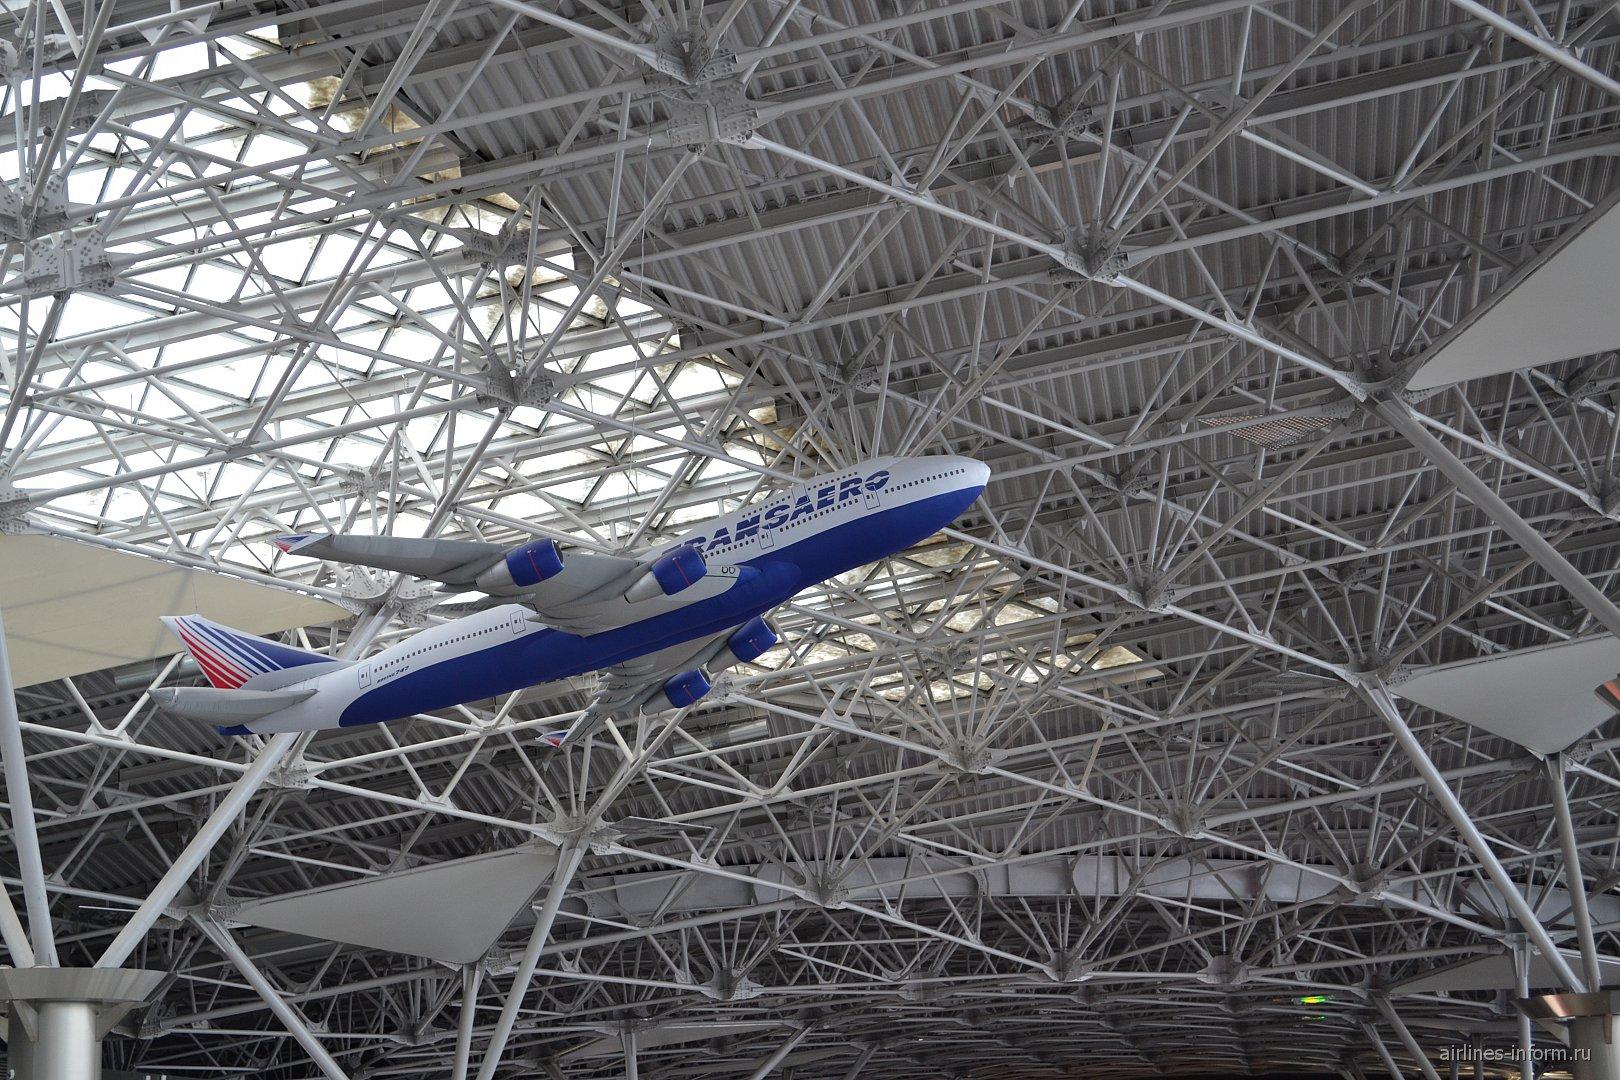 Надувной самолет Боинг-747 Трансаэро под потолком терминала А аэропорта Внуково